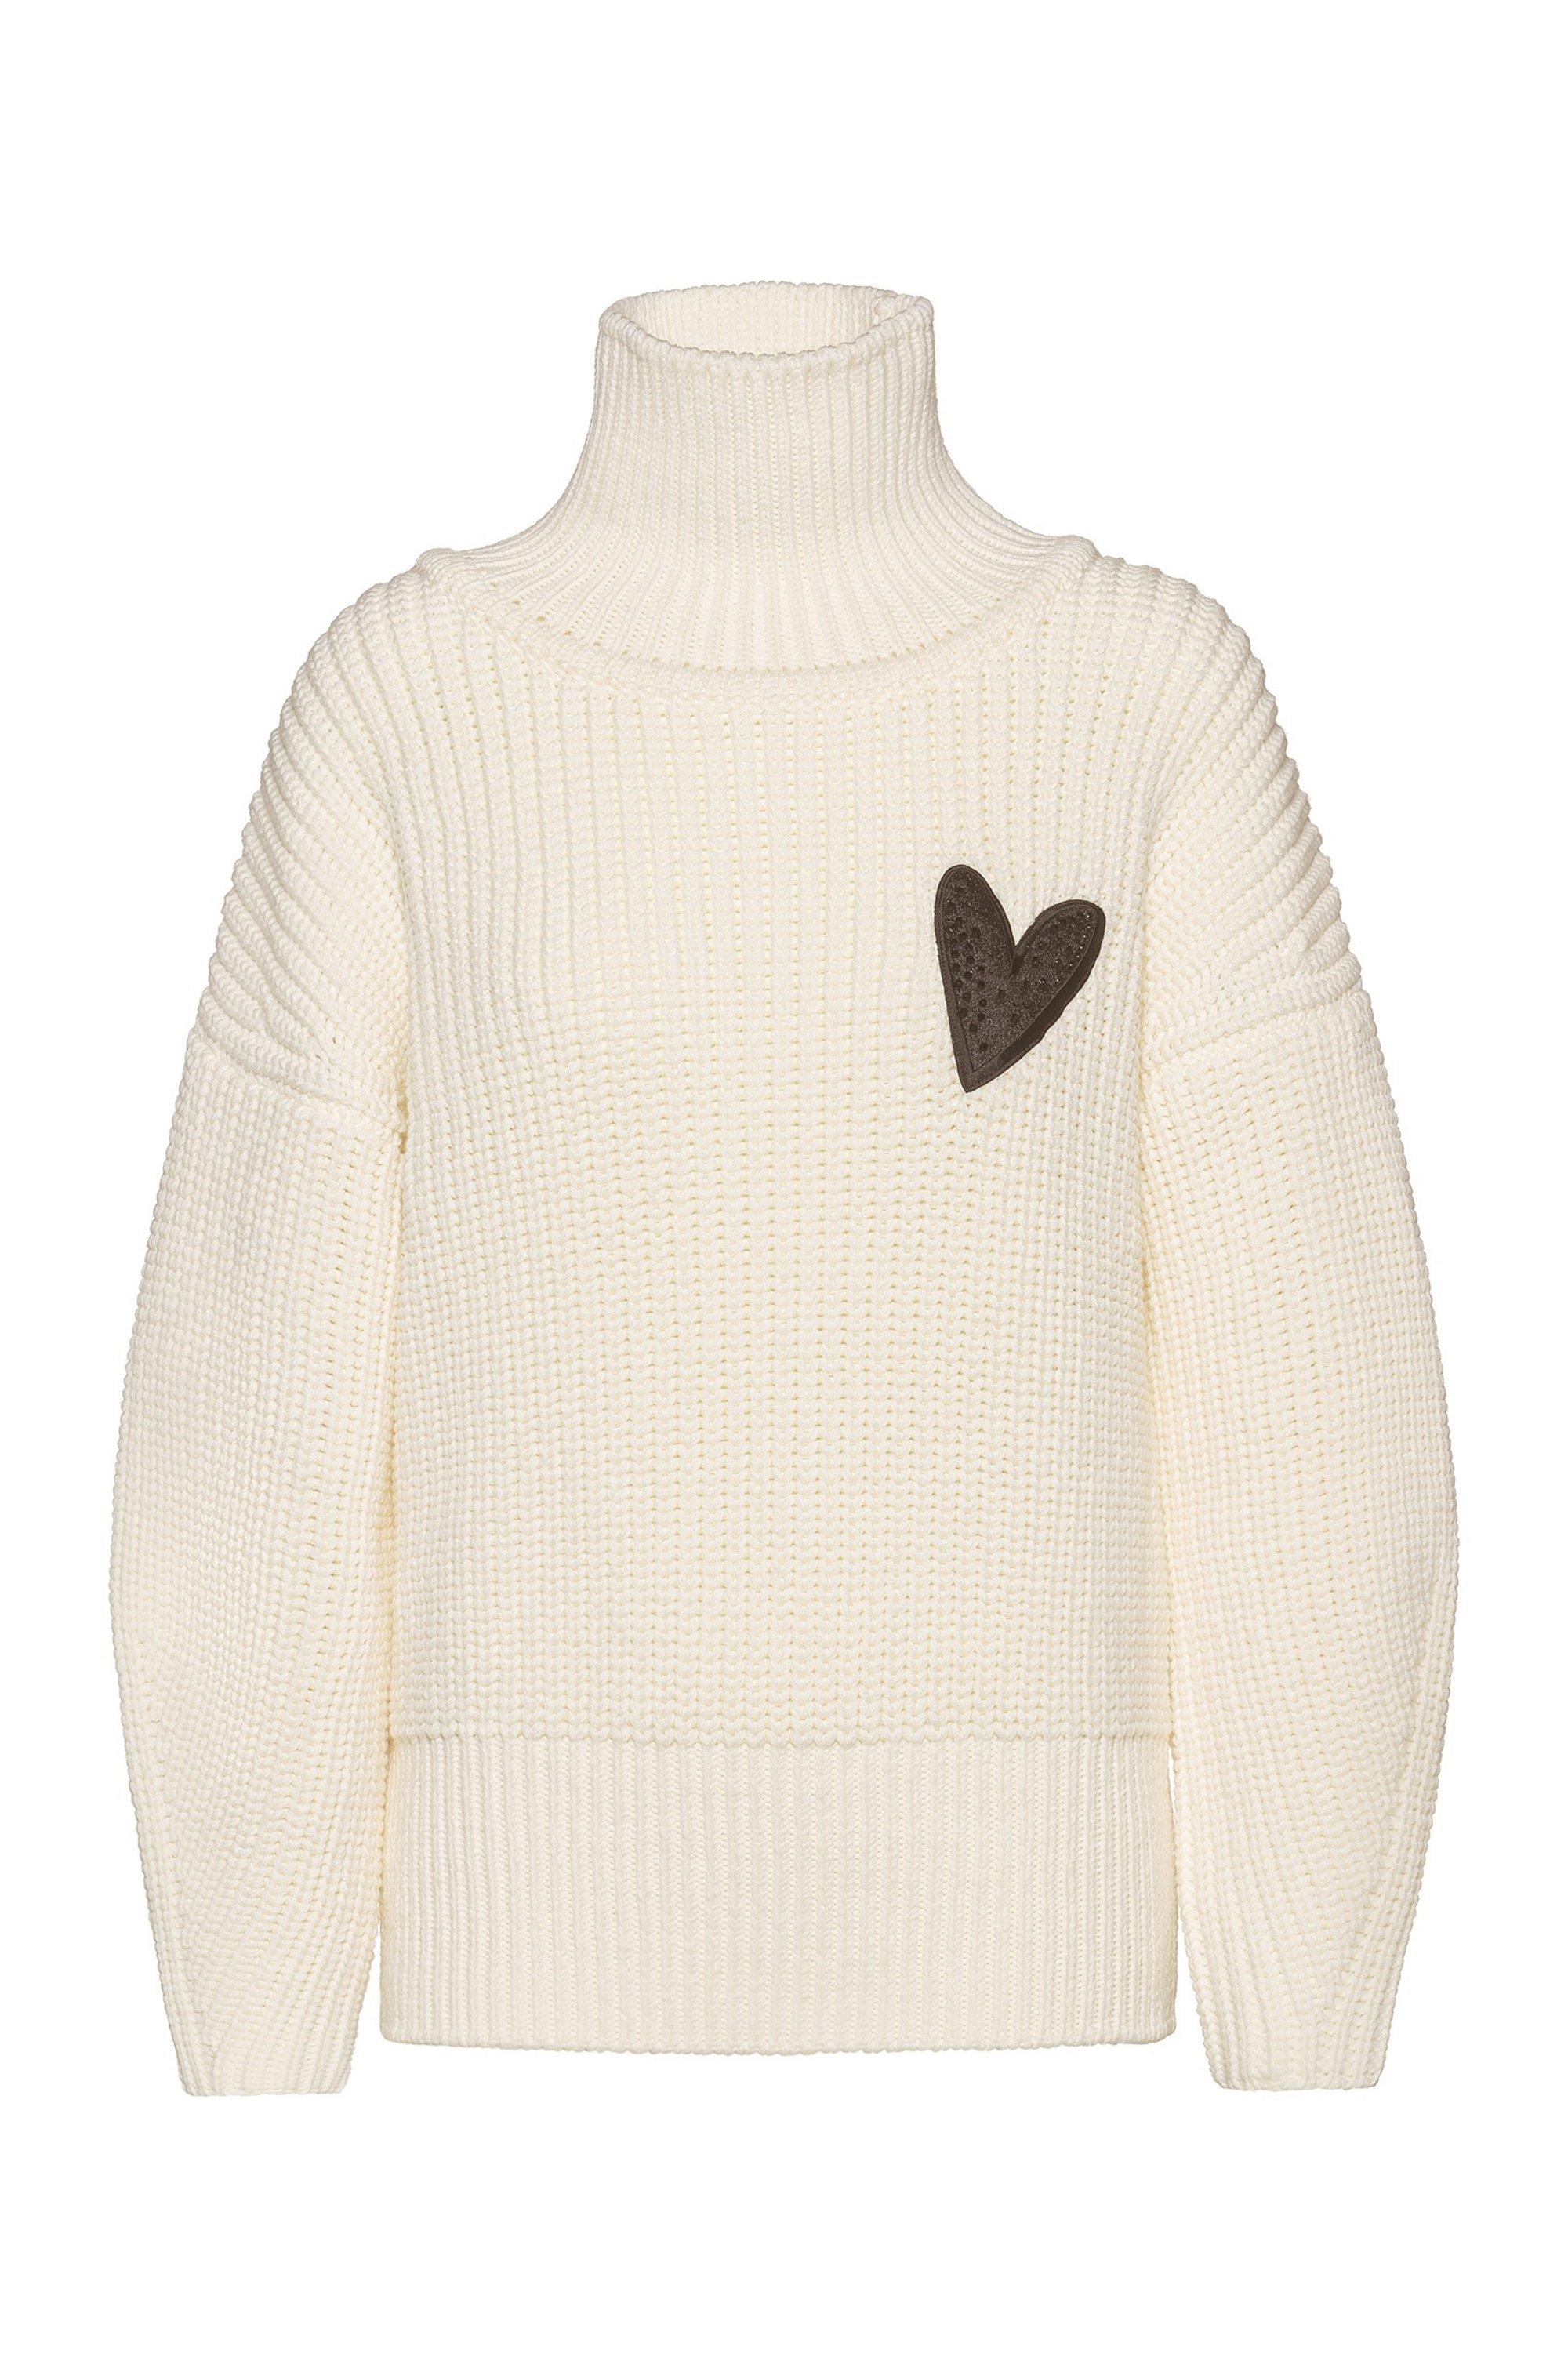 Relaxed-Fit Pullover aus Schurwolle mit Herz-Motiv, Weiß